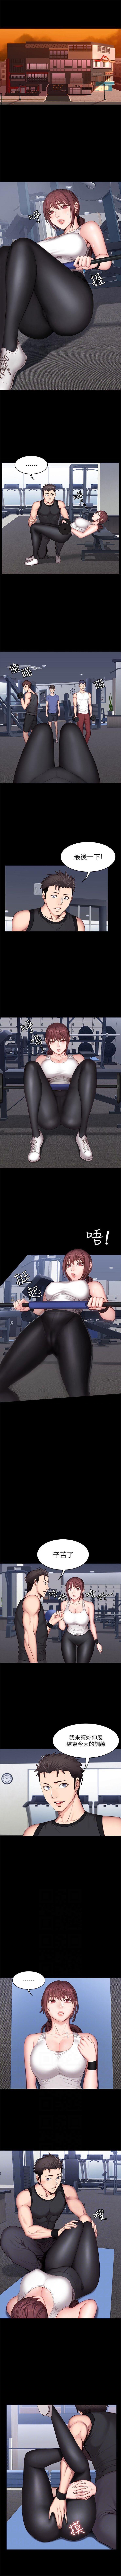 (周3)健身教练 1-29 中文翻译 (更新中) 124